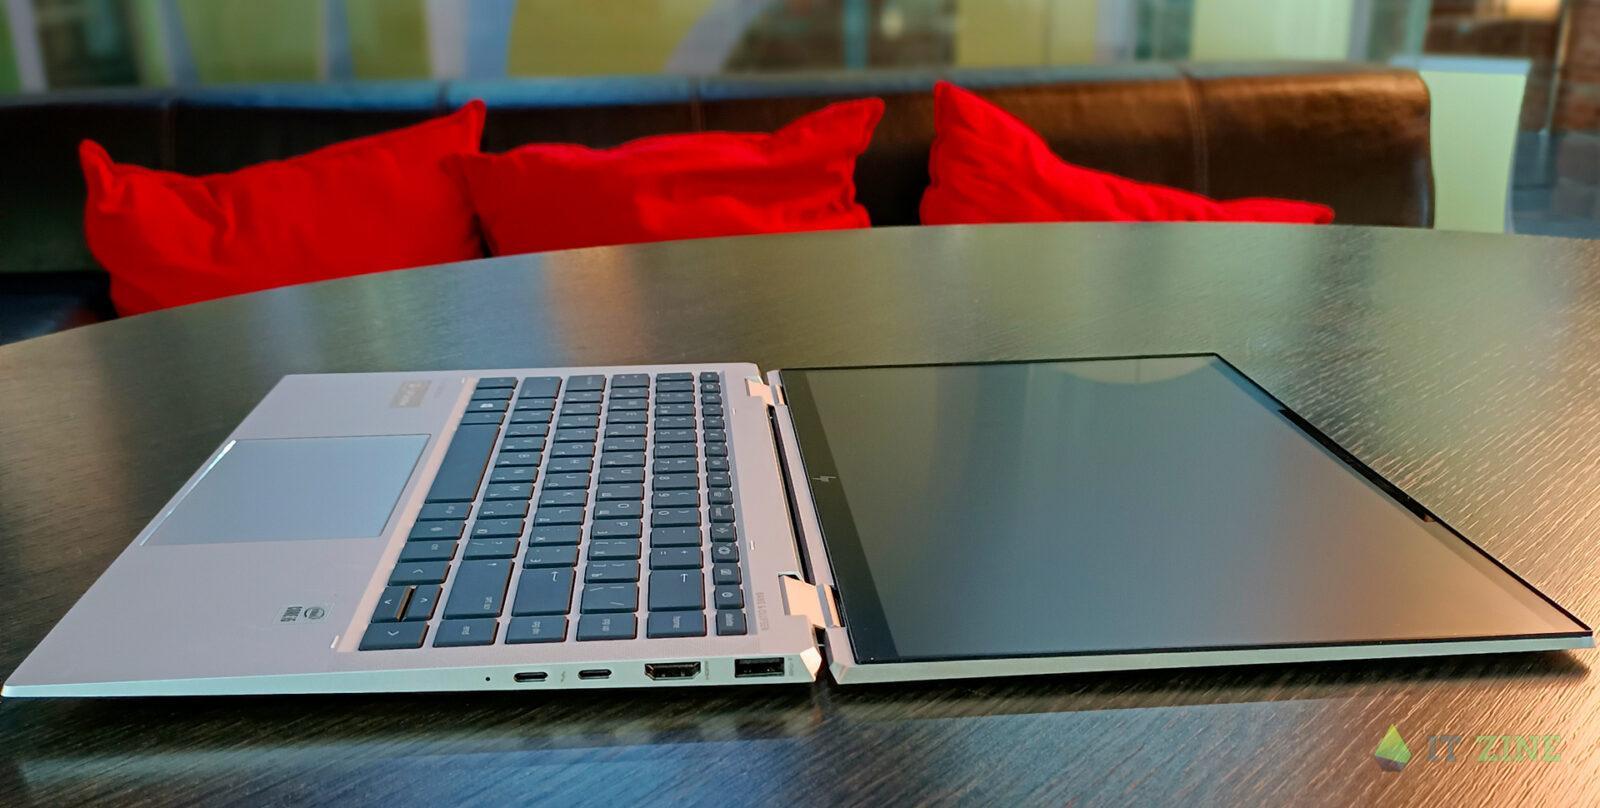 Обзор ноутбука HP EliteBook x360 1040 G7: трансформер для работы и развлечений (hp elitebook 1040 g7 27)